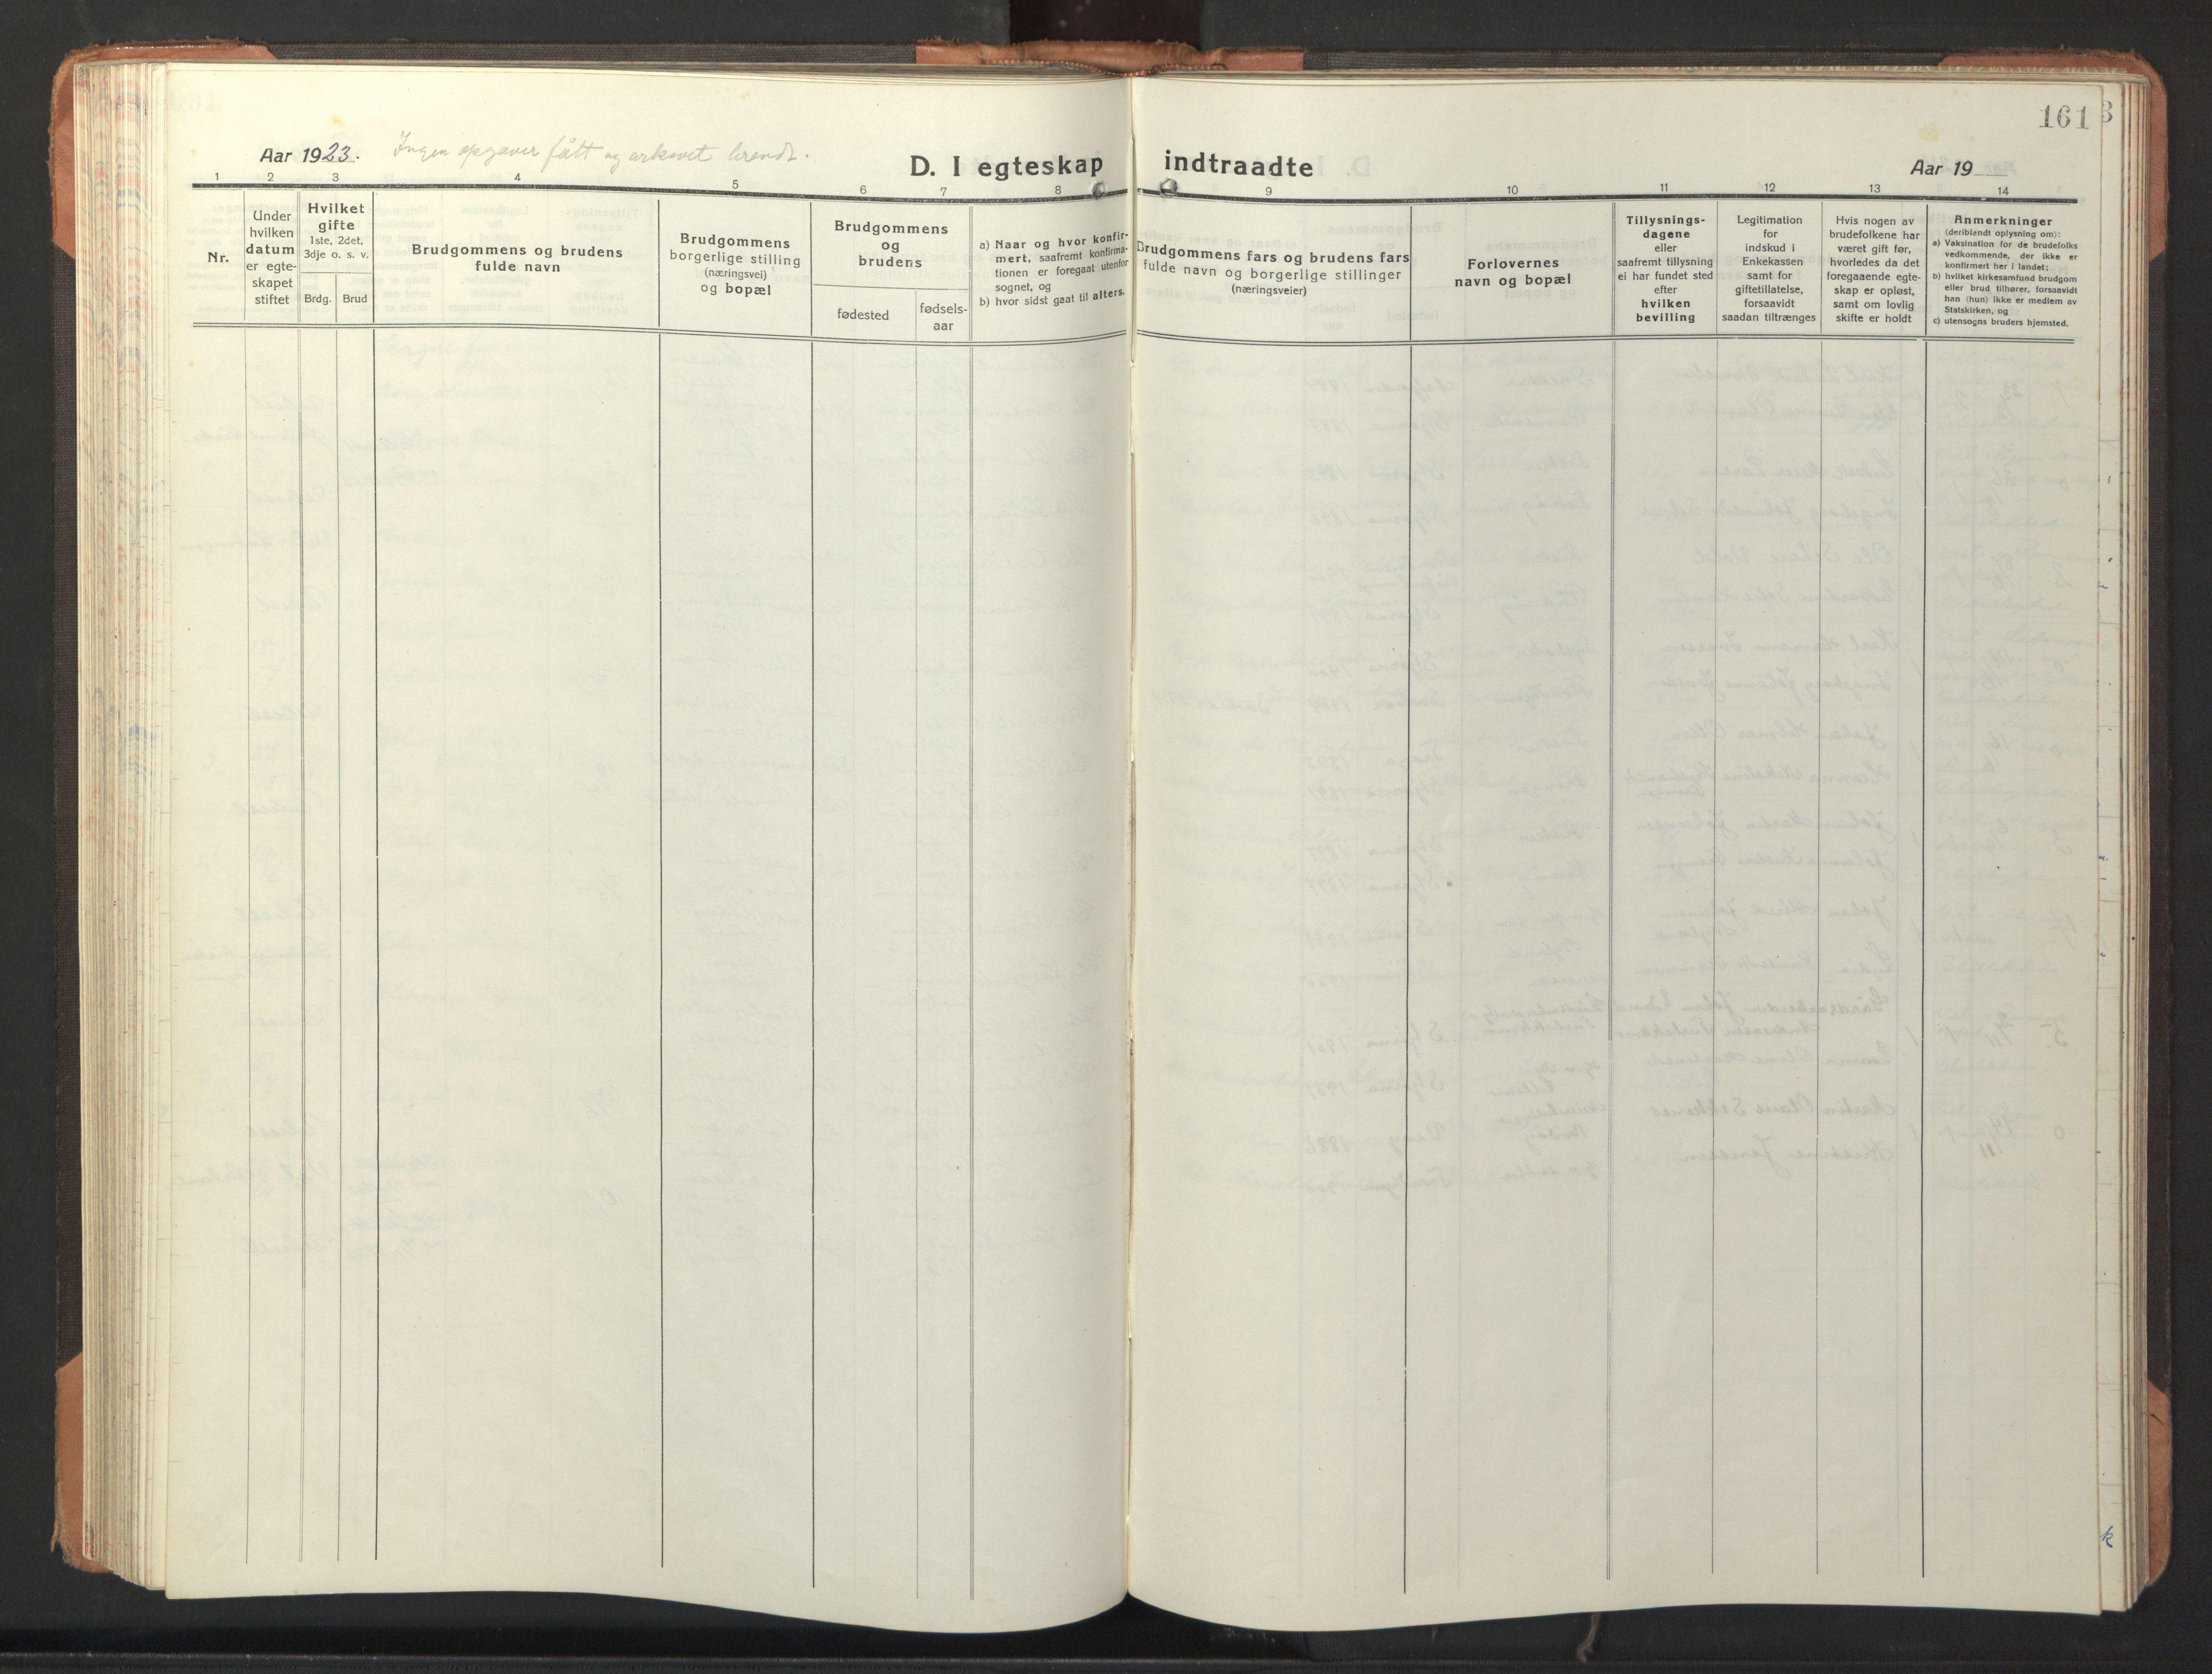 SAT, Ministerialprotokoller, klokkerbøker og fødselsregistre - Sør-Trøndelag, 653/L0658: Klokkerbok nr. 653C02, 1919-1947, s. 161